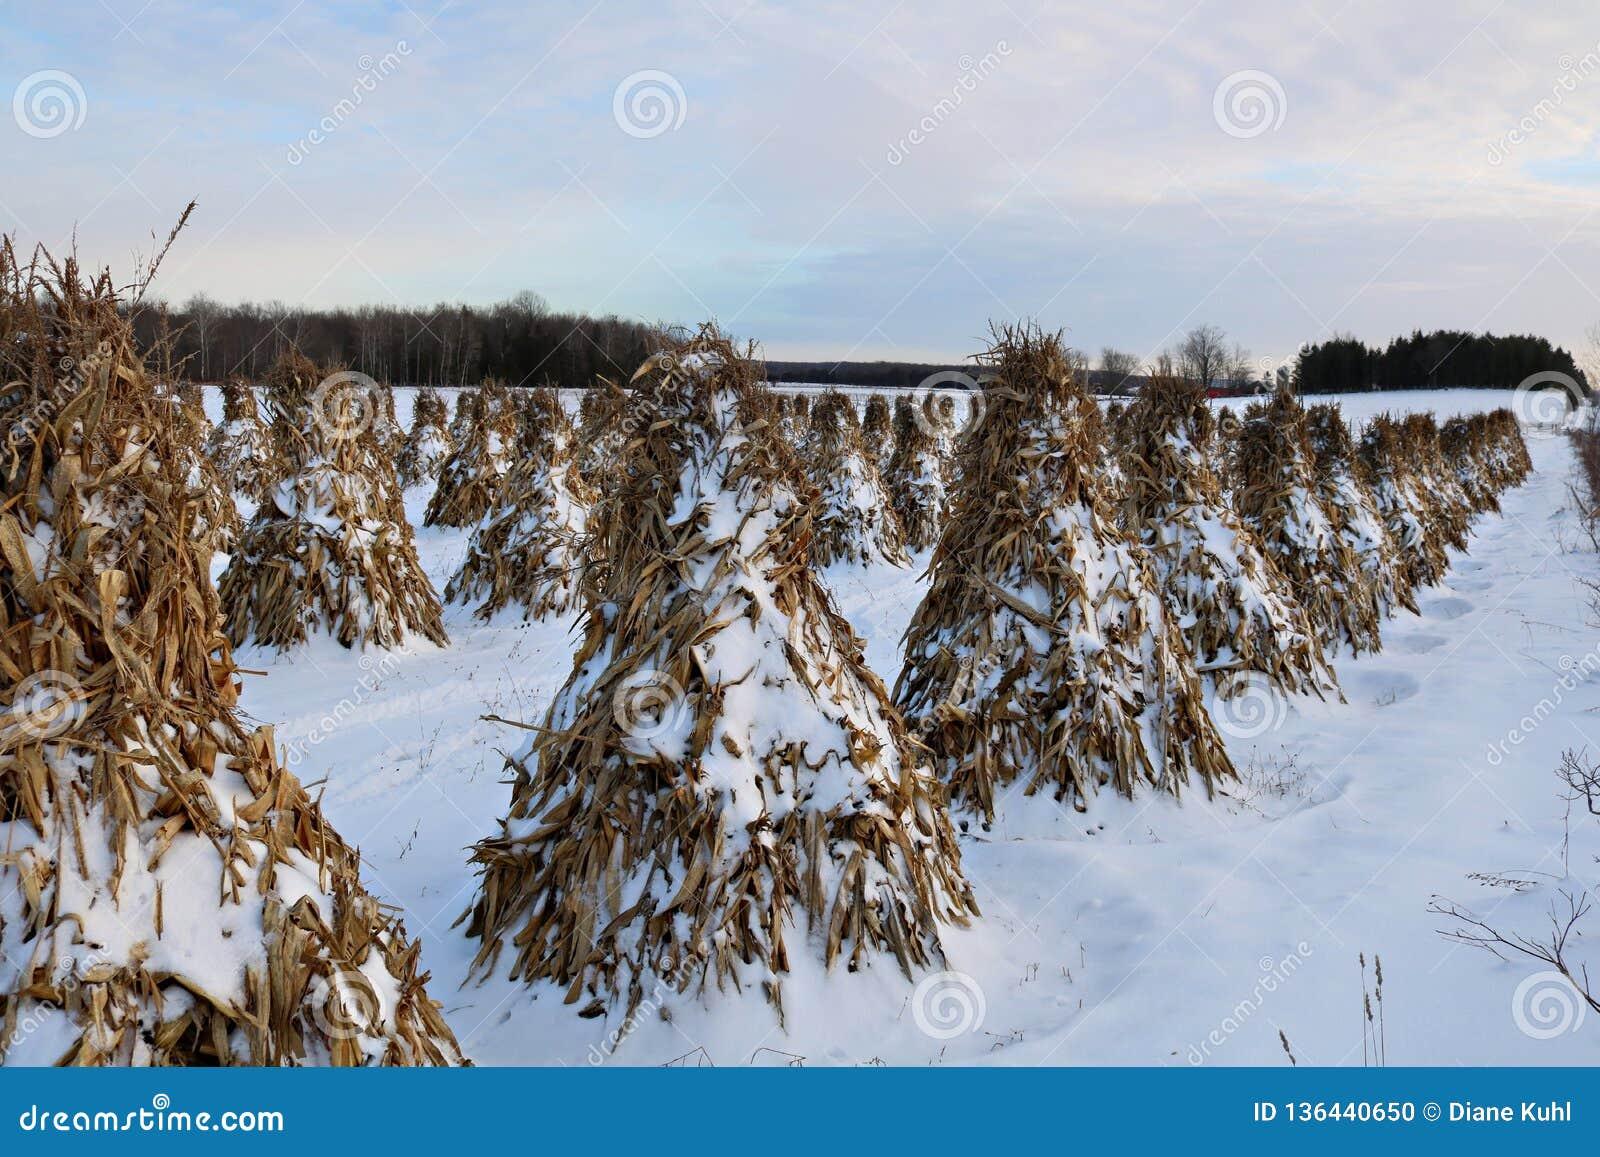 Stooked havrestjälk ställde upp i fältet på en fridsam afton i snön